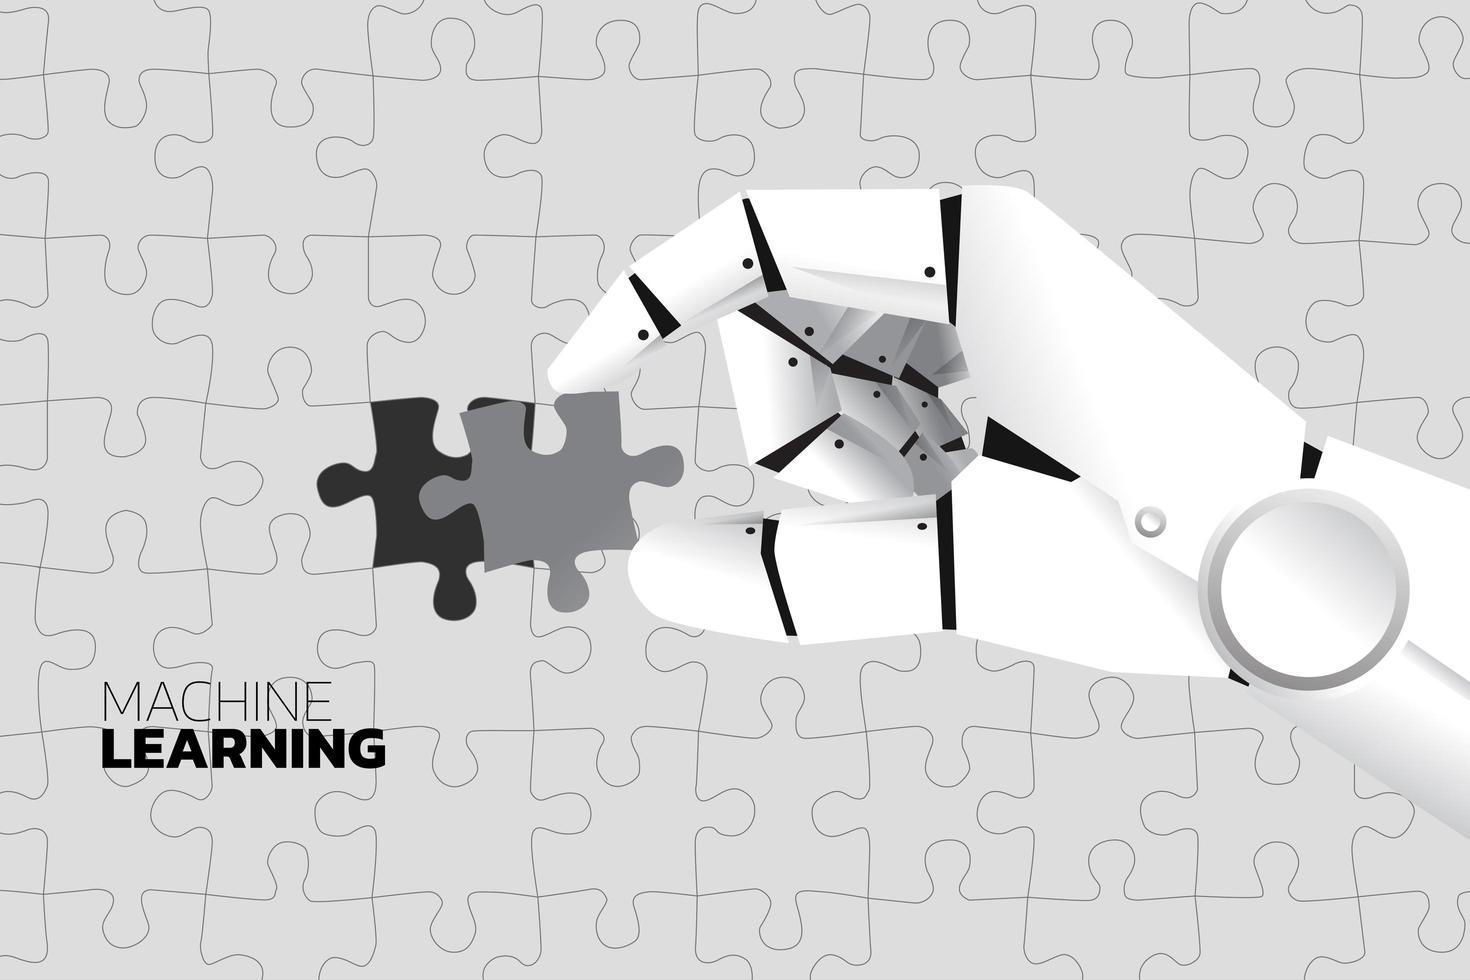 mão robô coloca último quebra-cabeça para completar o quebra-cabeça vetor